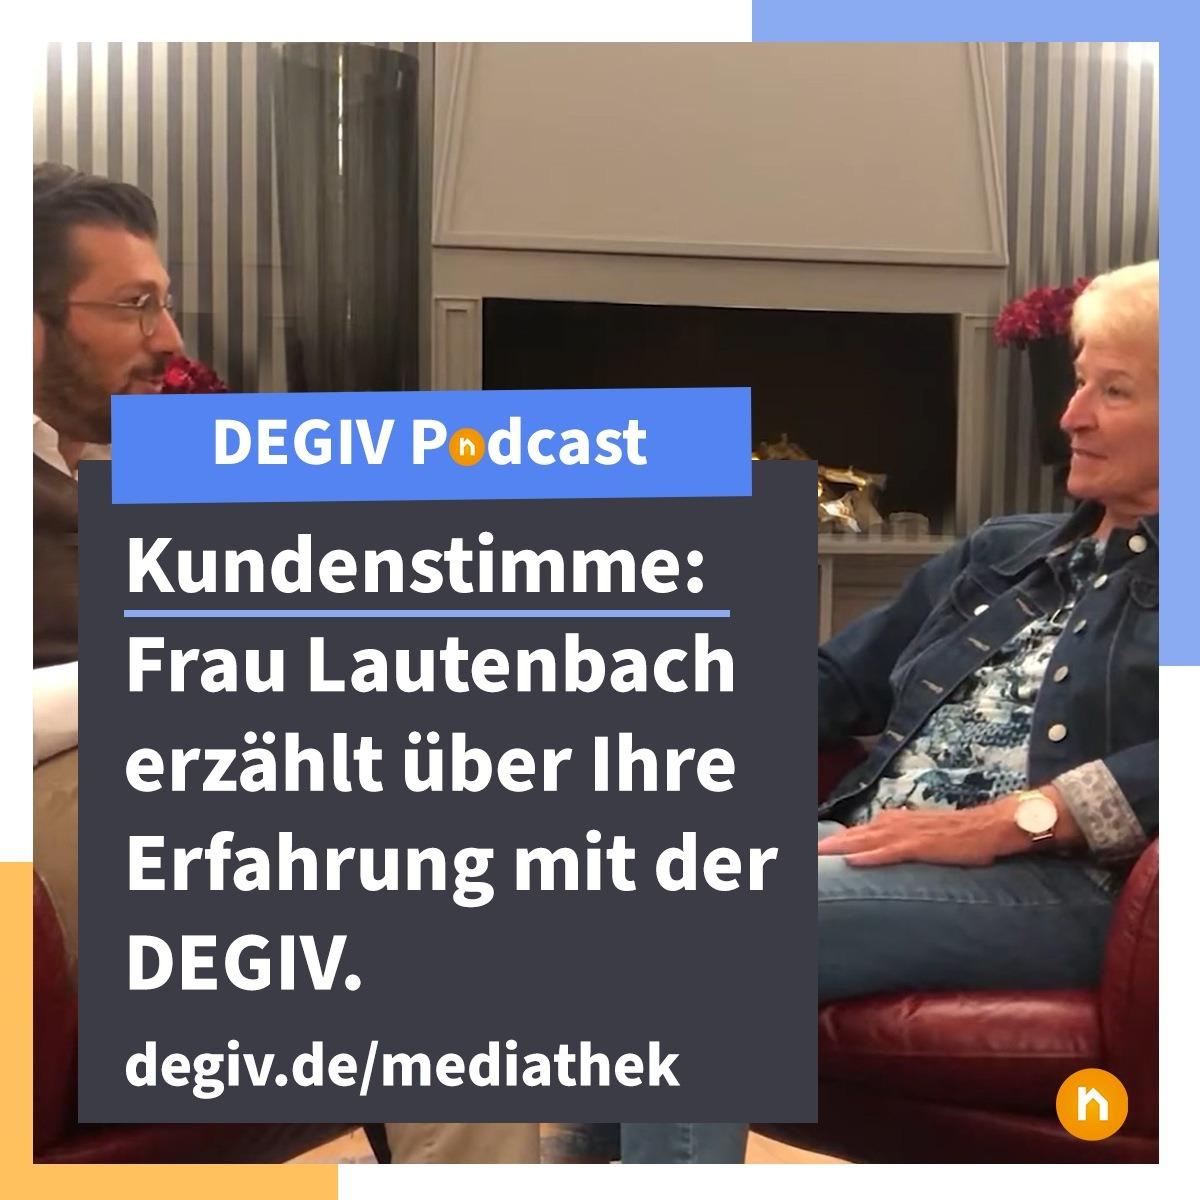 DEGIV Podcast - Kundenstimme: Frau Lautenbach erzählt über Ihre Erfahrung mit der DEGIV.